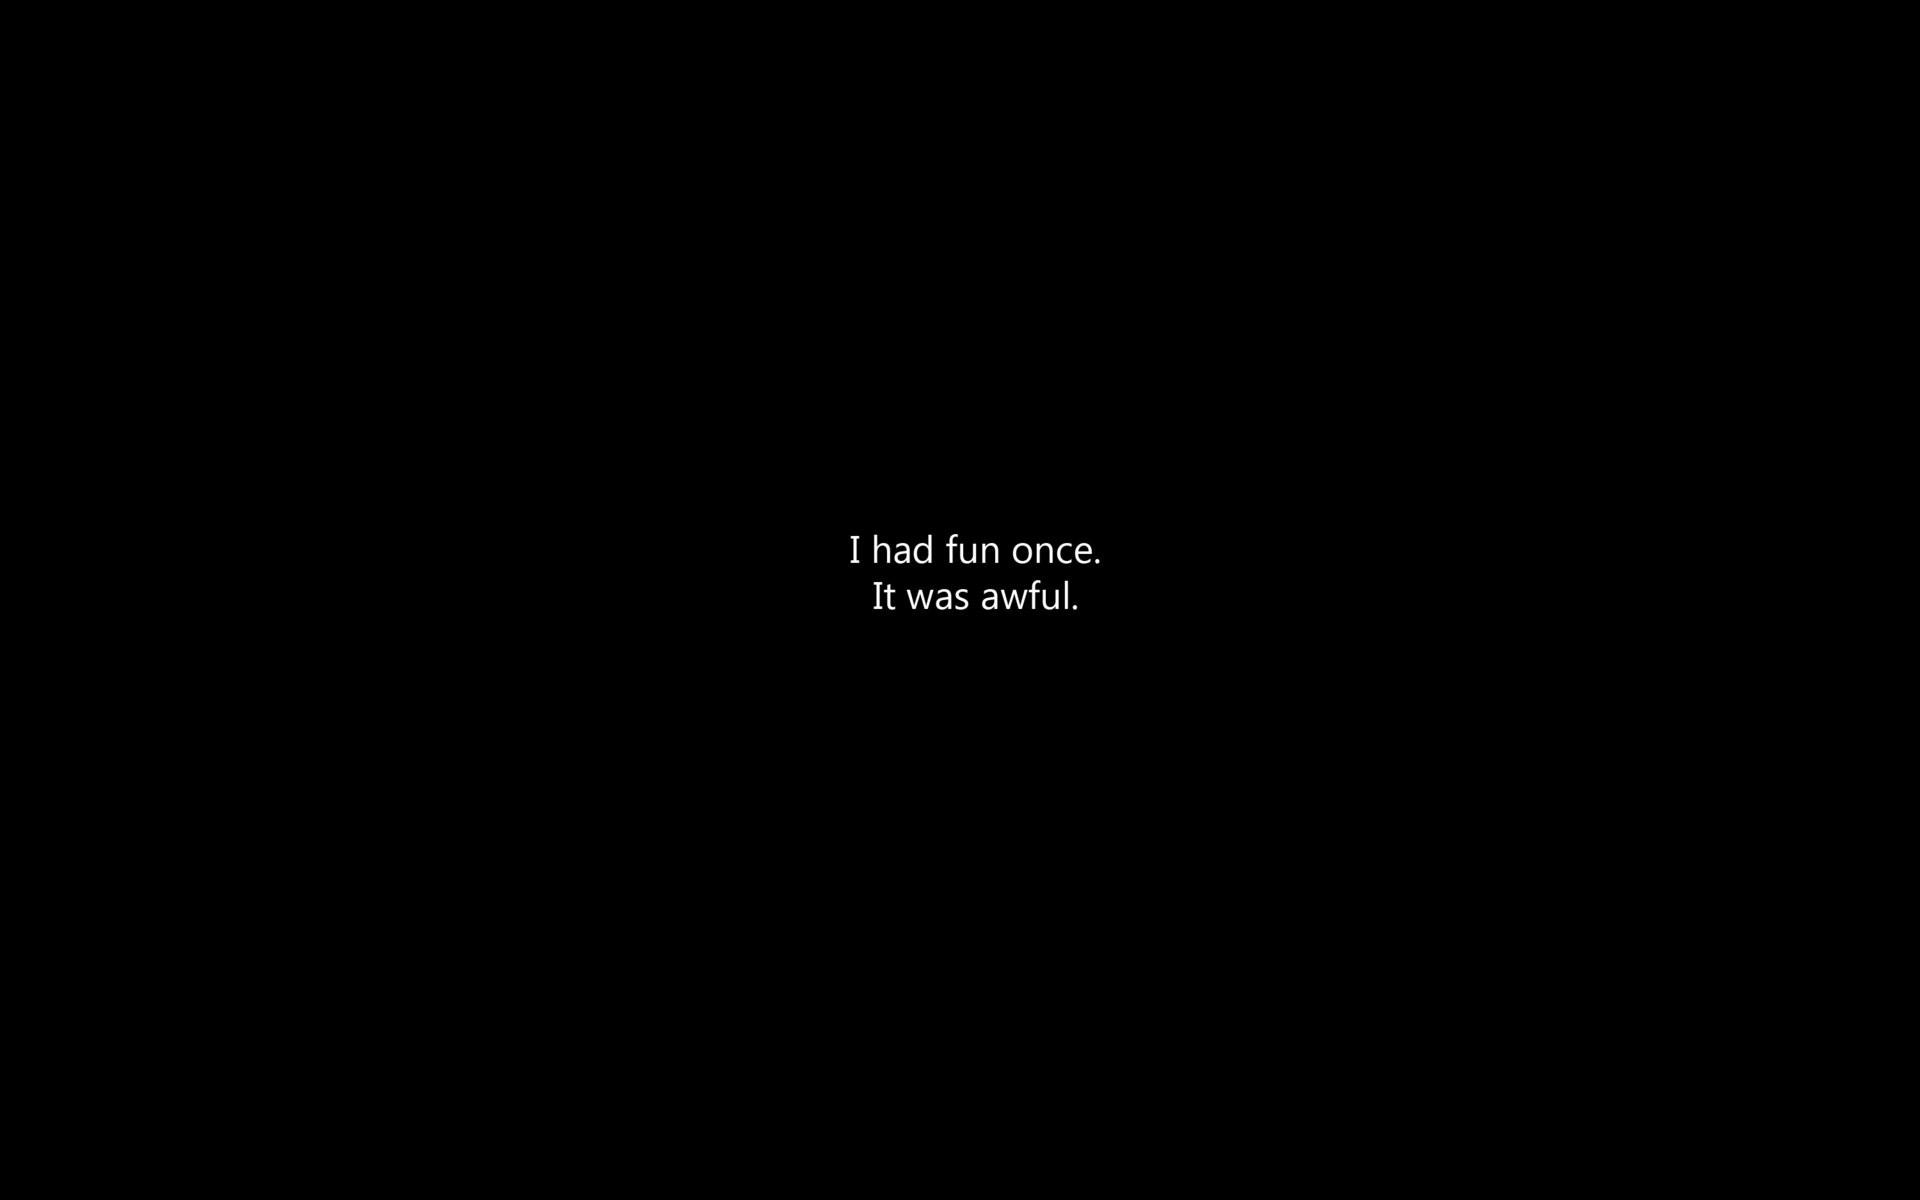 Dark Dark Background And Quotes Quotesgram